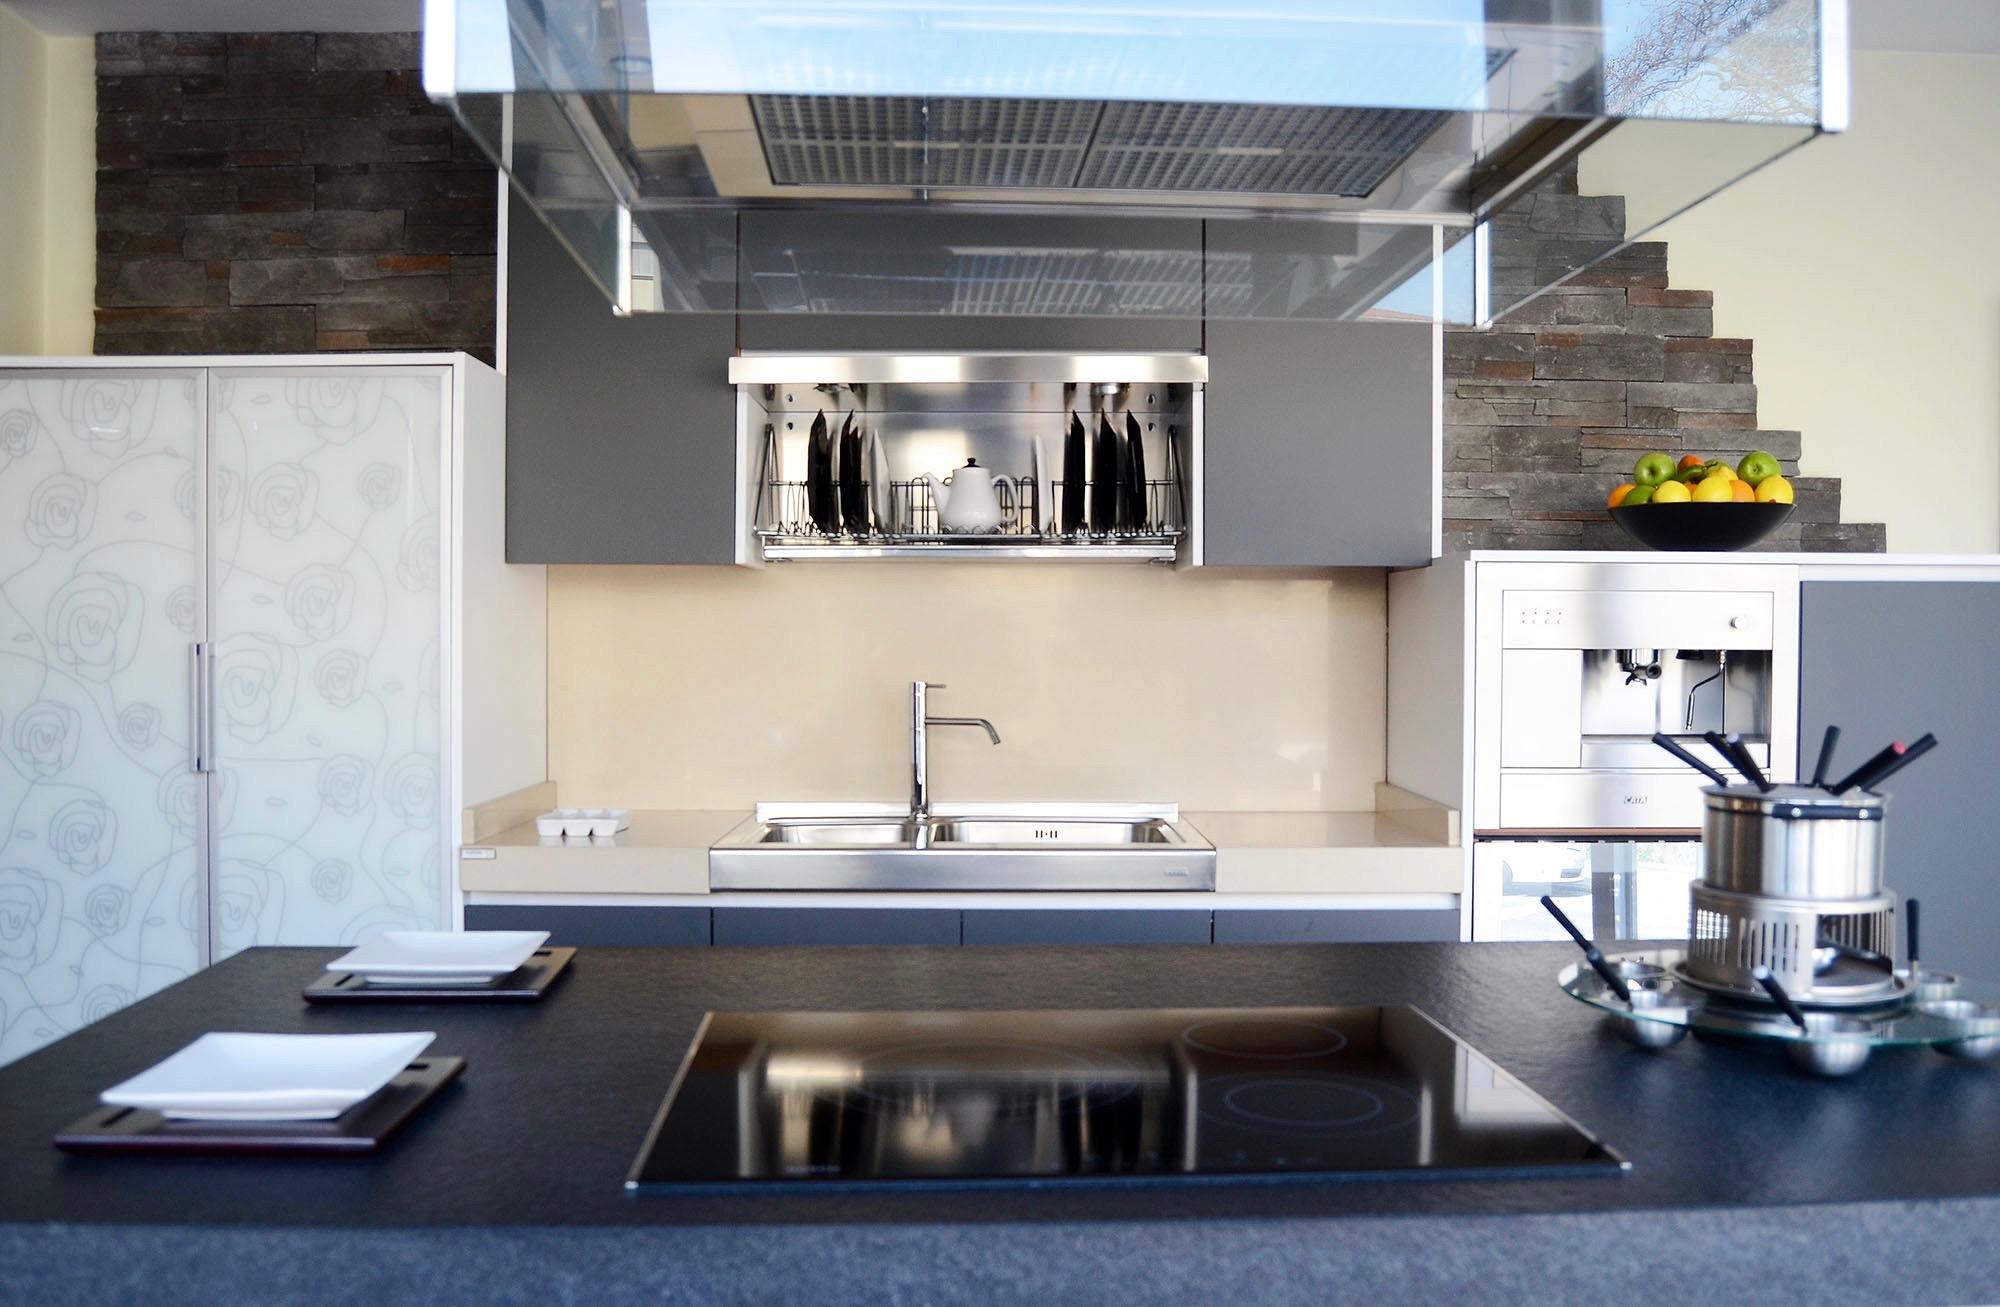 Nuestras cocinas quality21 josman hermanos tienda de muebles de cocina y ba o en santander - Tiendas de armarios ...